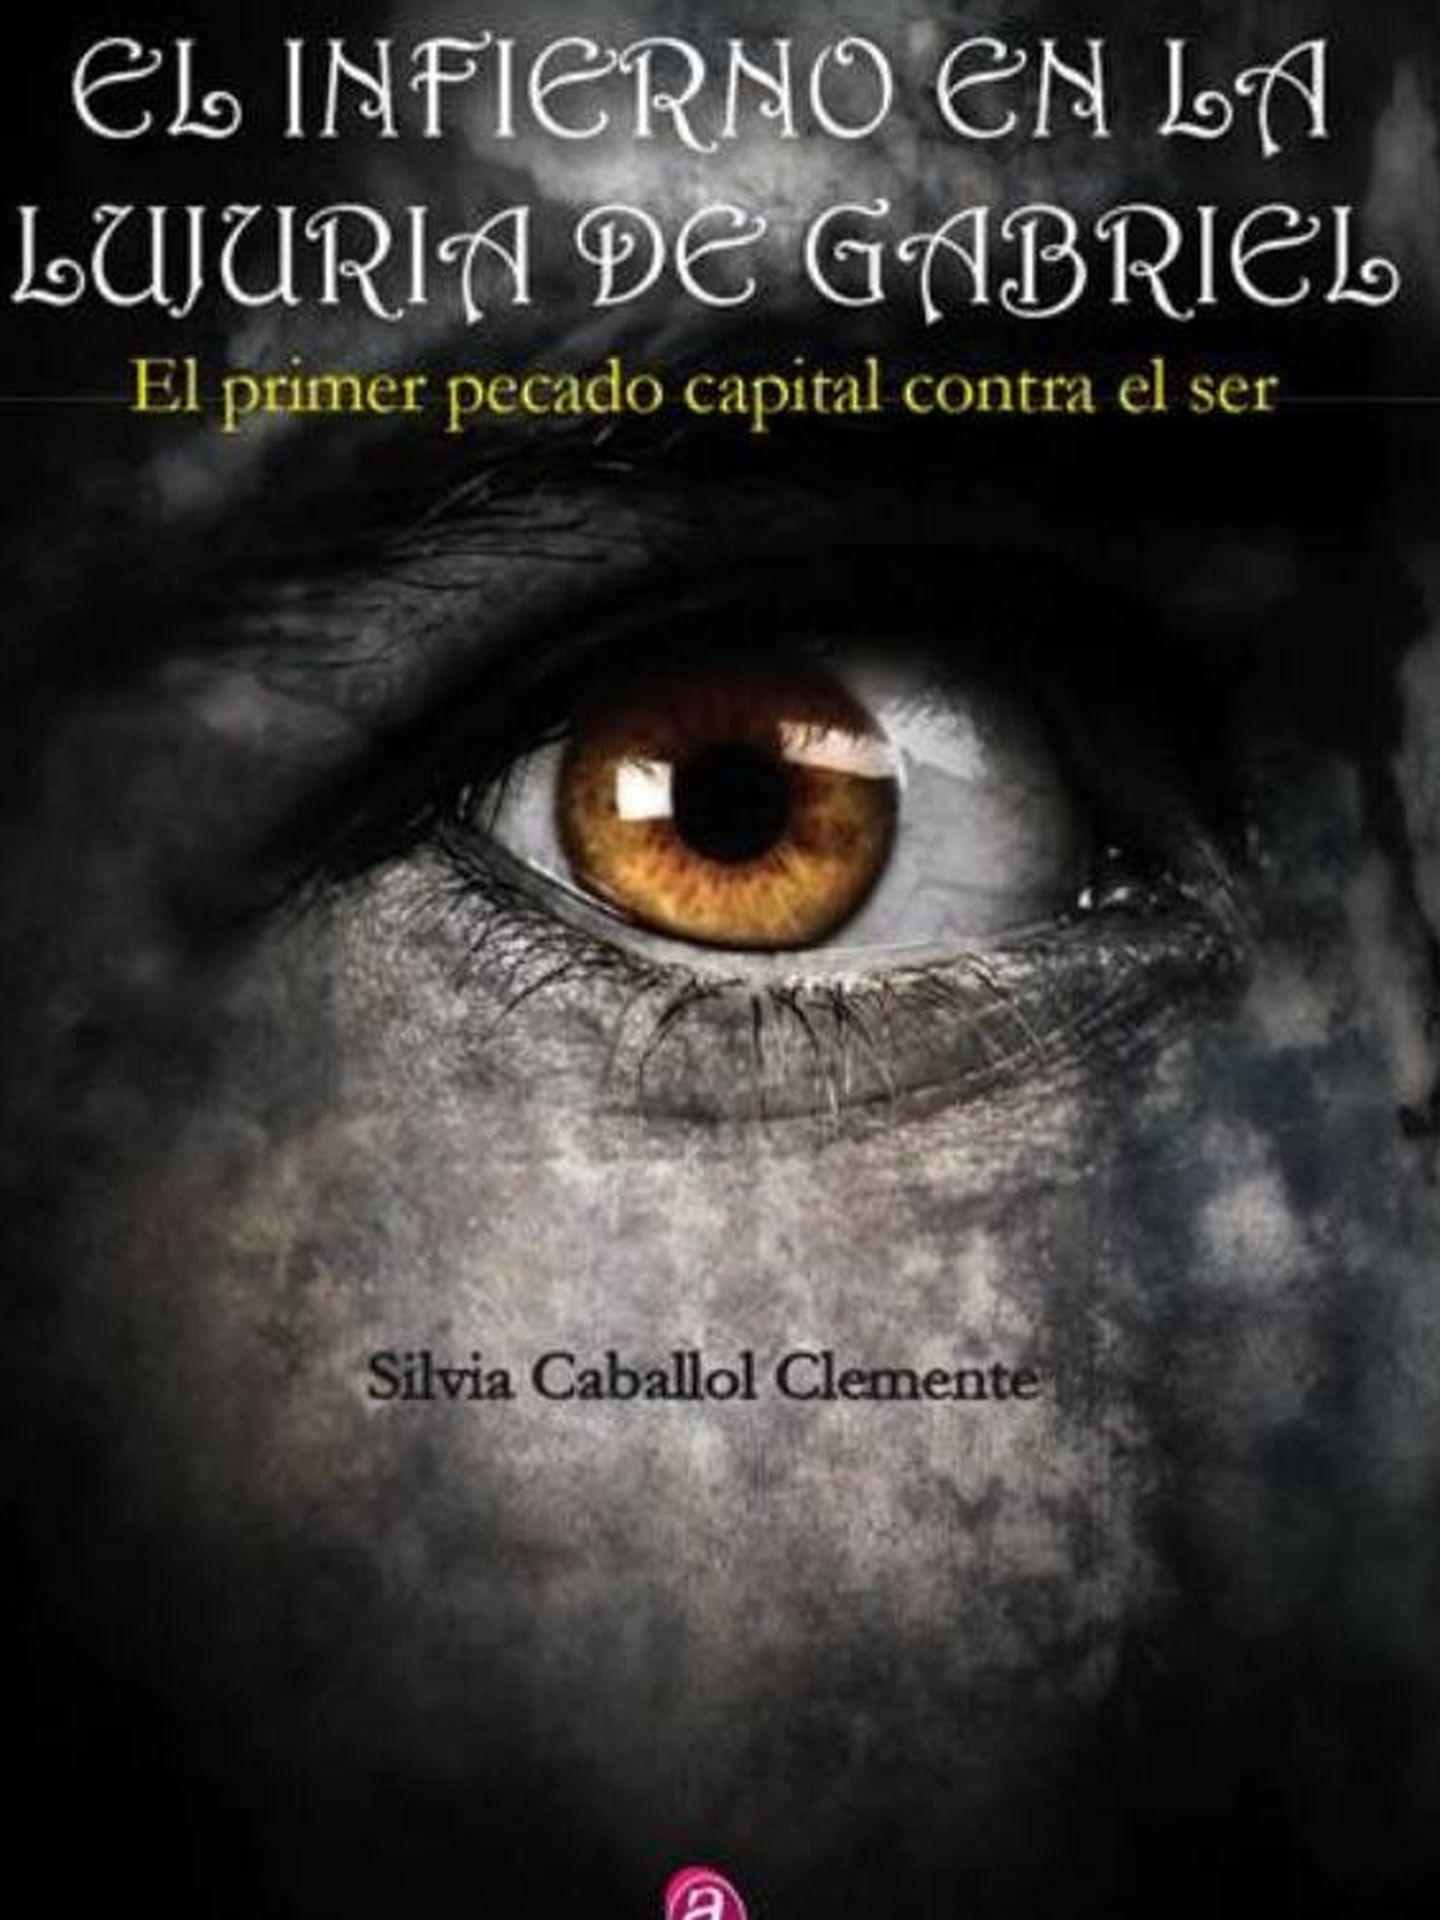 Portada del libro 'El infierno en la lujuria de Gabriel'. (Editorial Agapea)